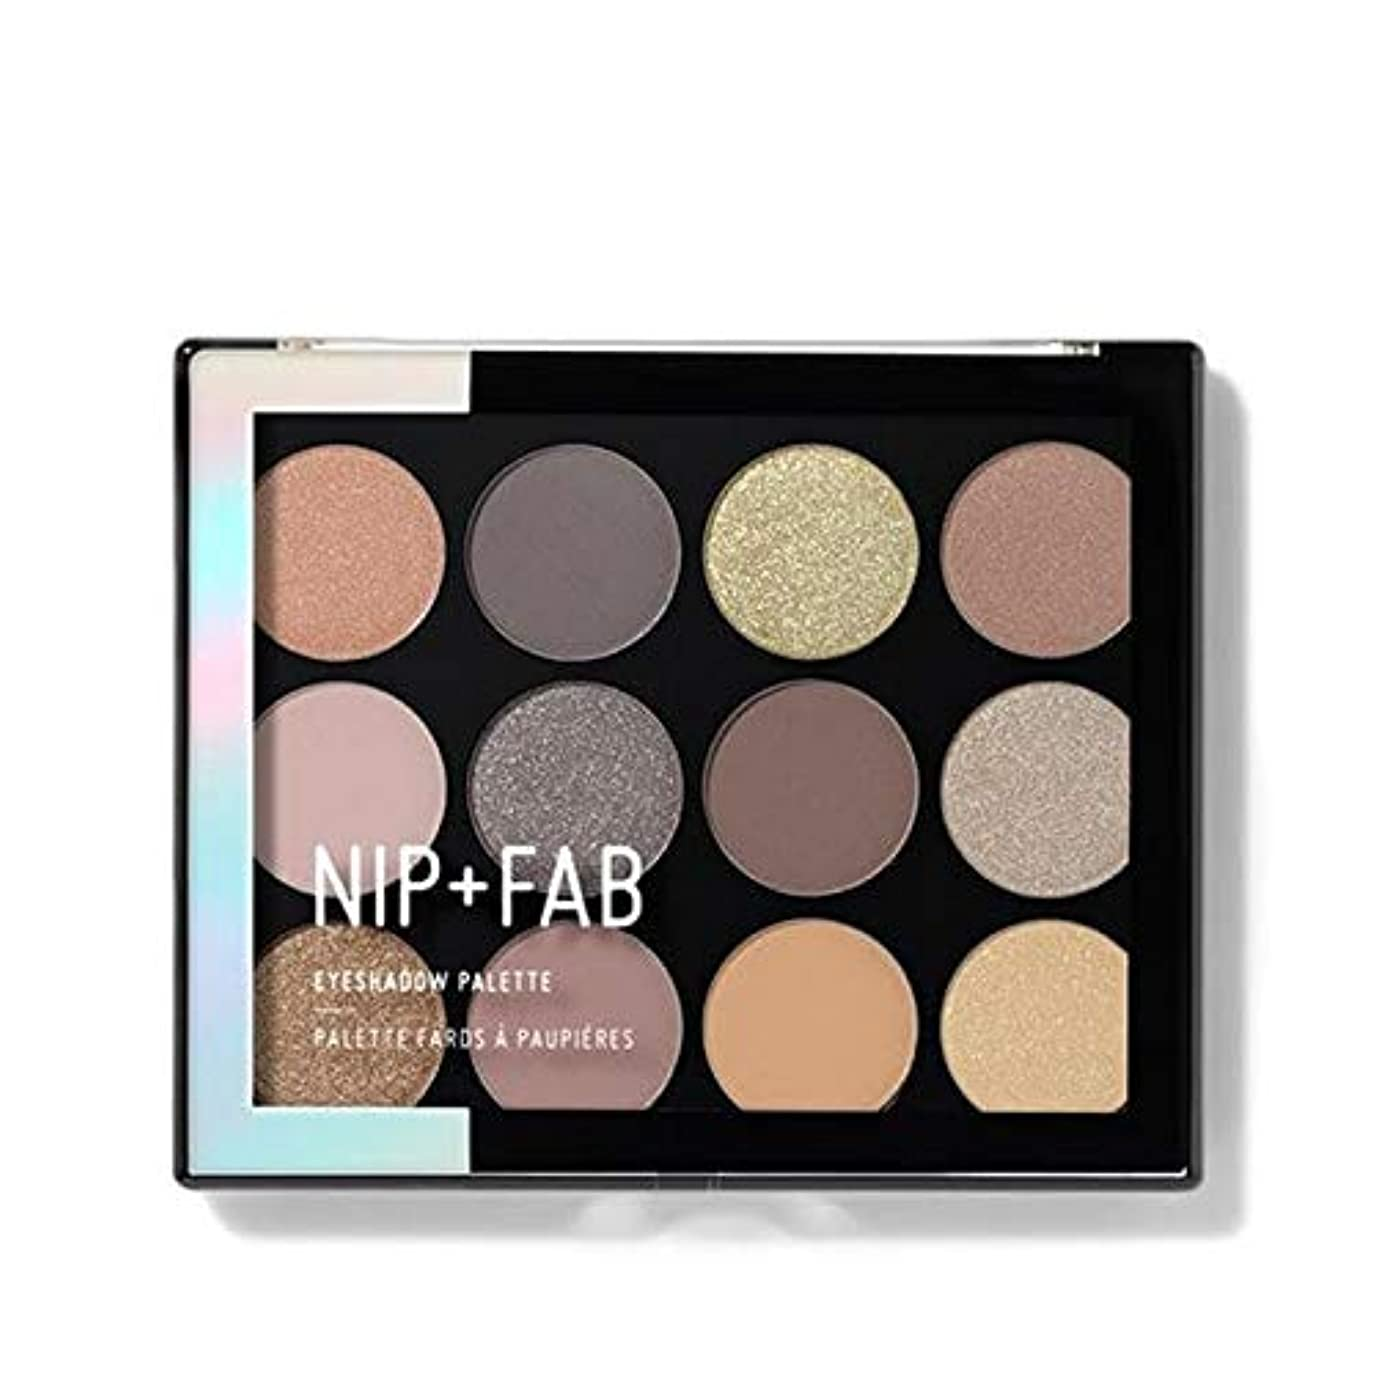 ジェームズダイソン準拠引き潮[Nip & Fab ] アイシャドウパレット12グラム穏やかグラム4を構成するFab +ニップ - NIP+FAB Make Up Eyeshadow Palette 12g Gentle Glam 4 [並行輸入品]